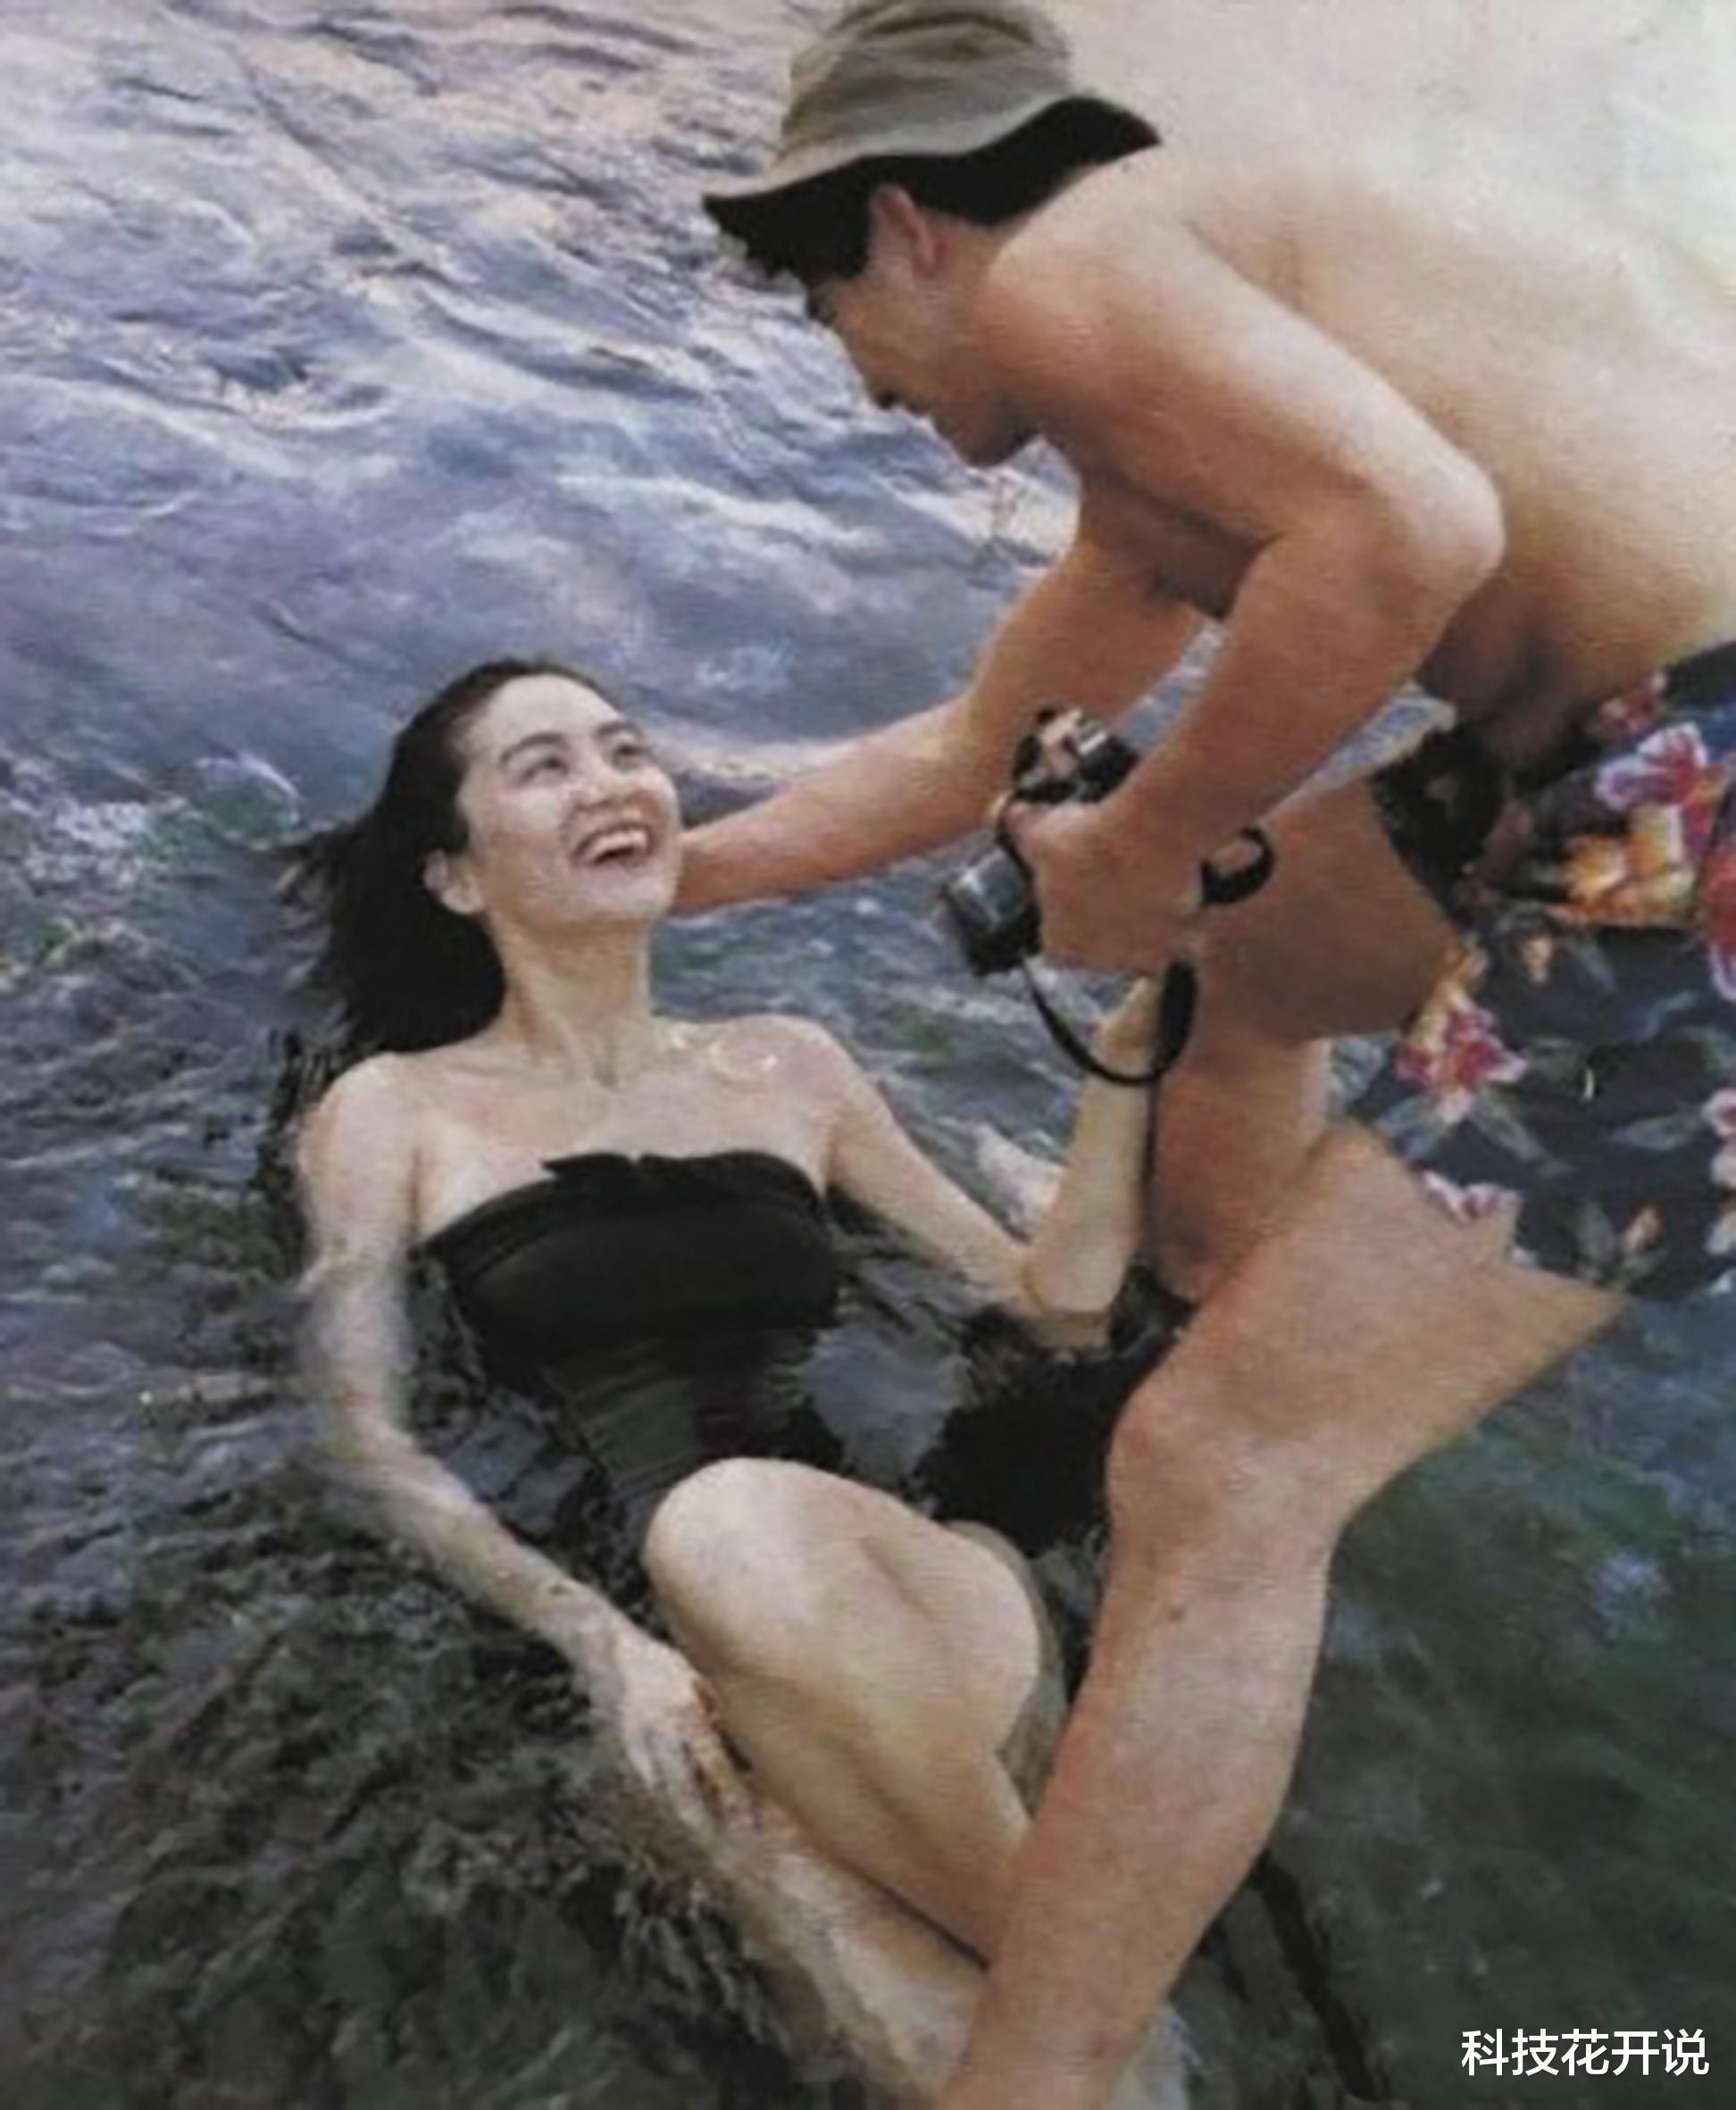 无法重拍的瞬间:吸烟的张曼玉,跑龙套的成龙,与秦汉在海边戏水的林青霞